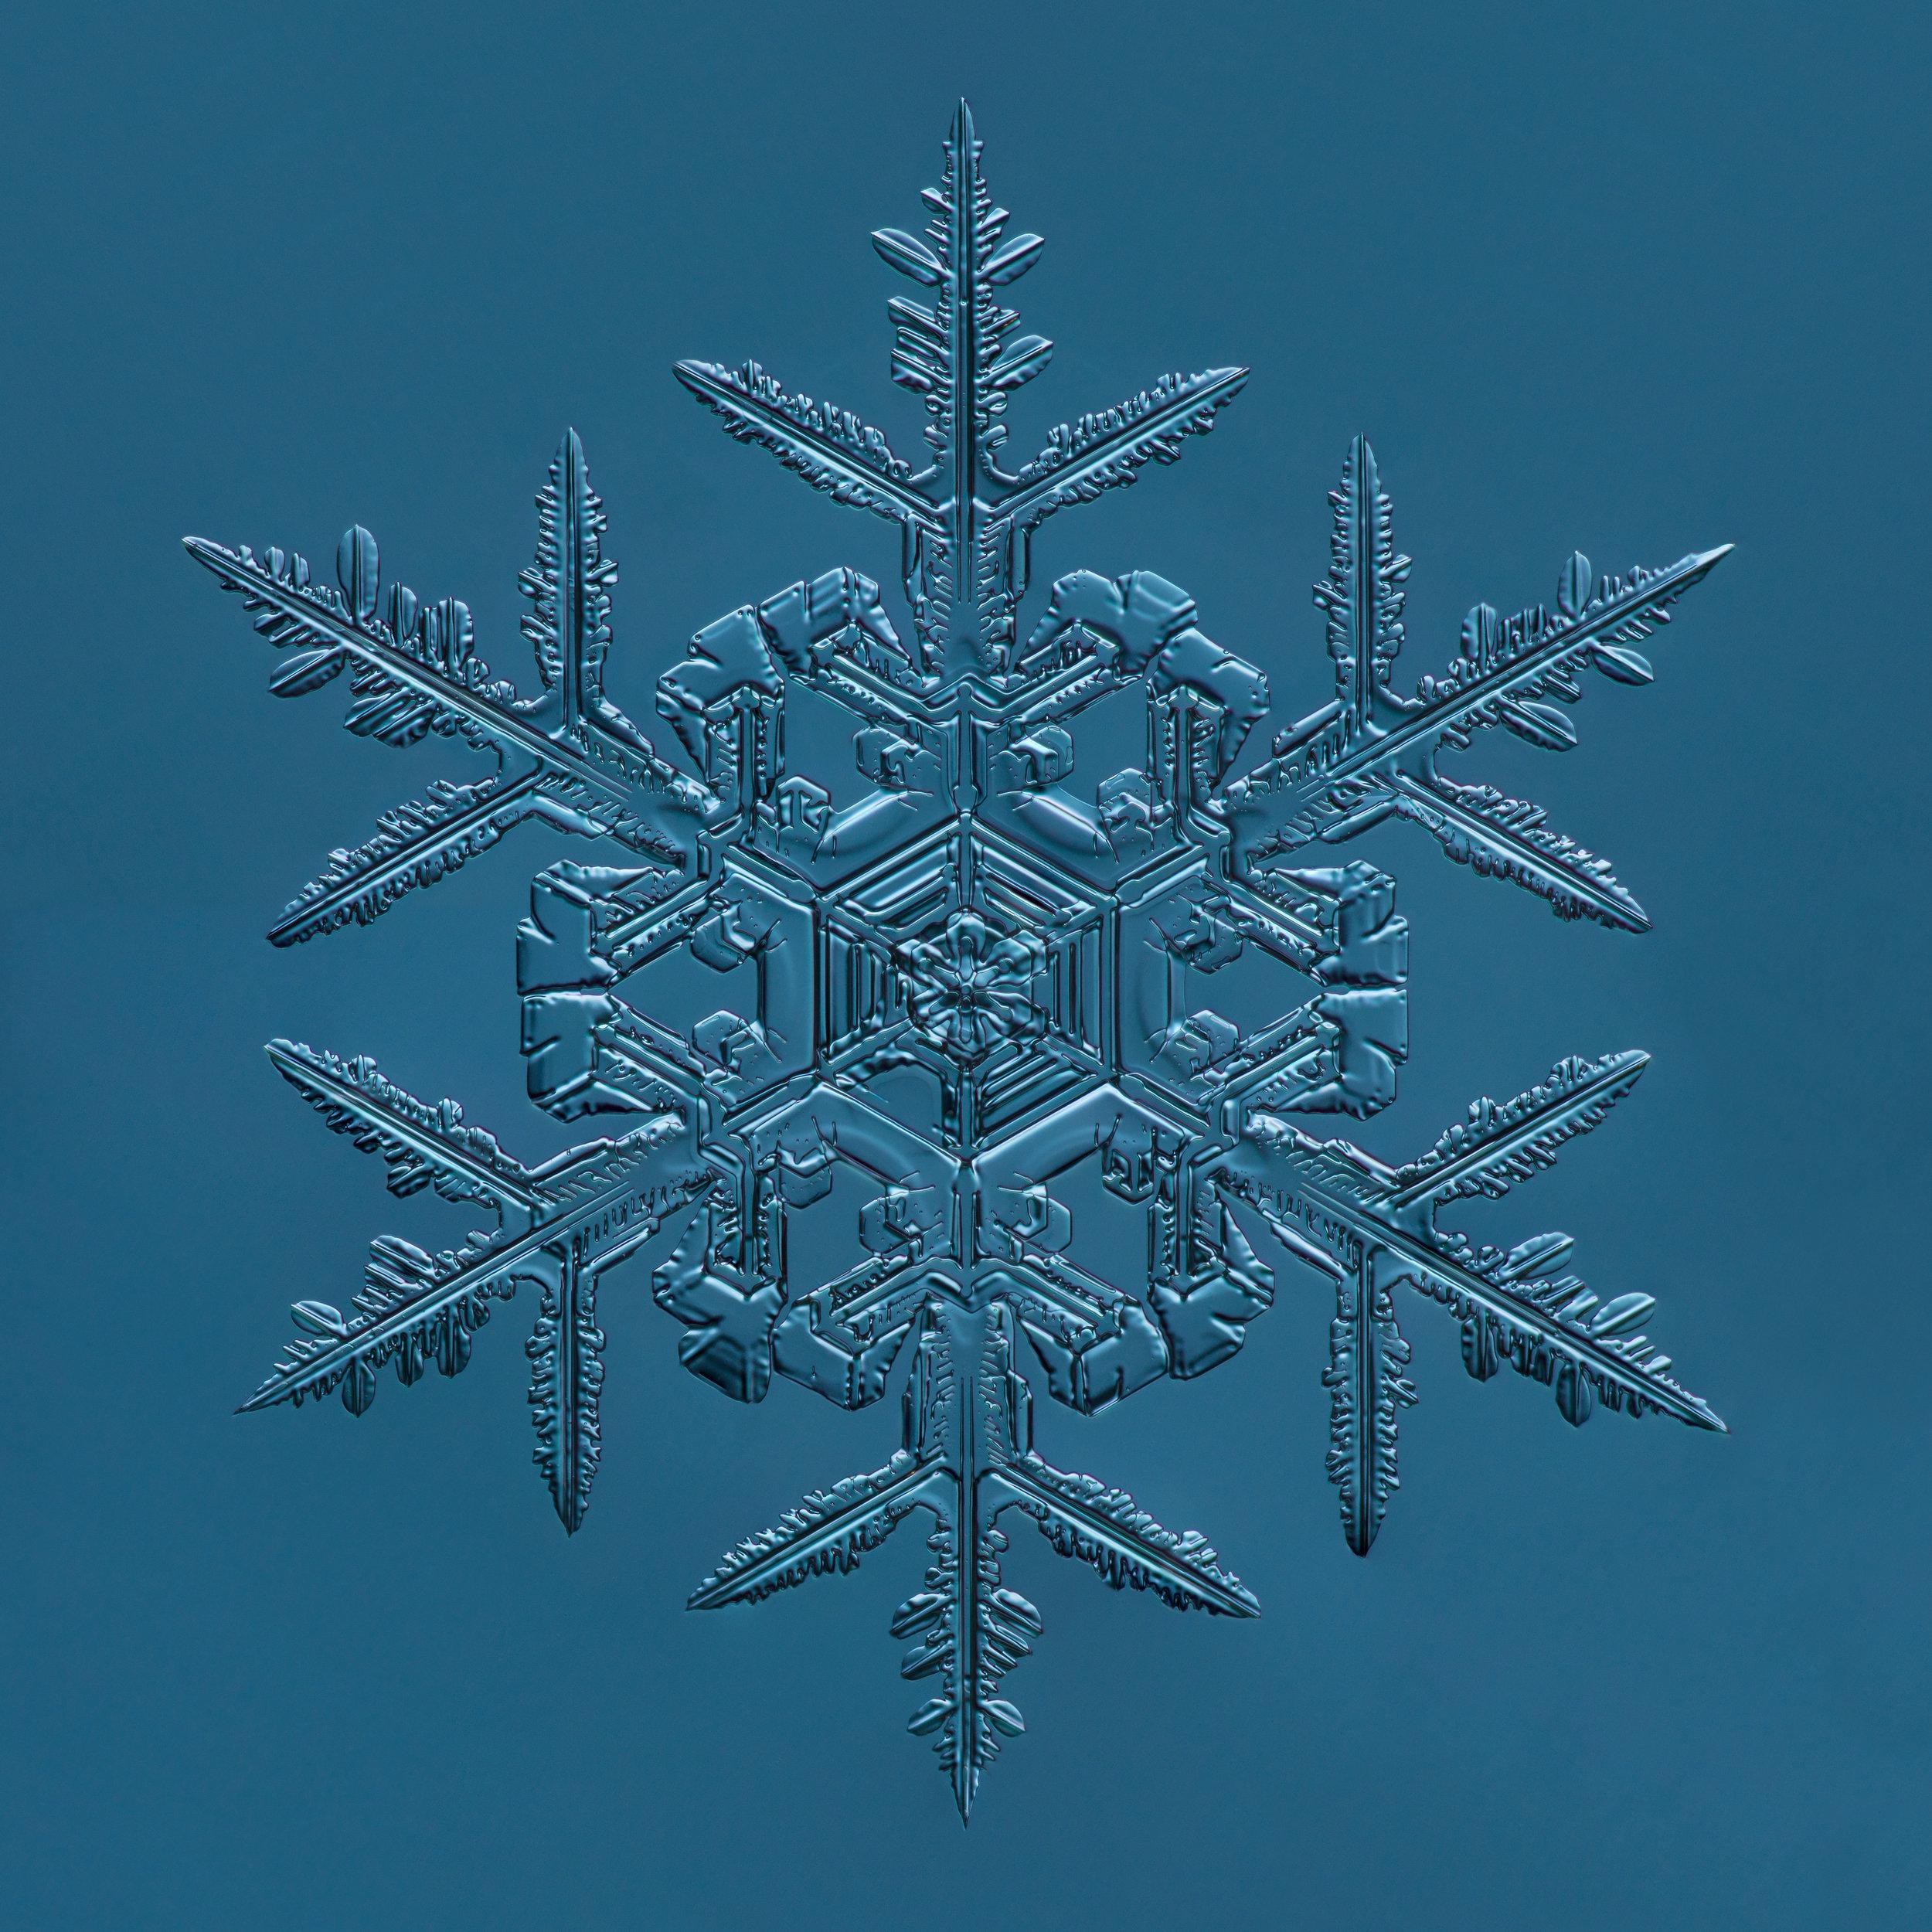 Snowflake 2015.02.02.008.1.JPG